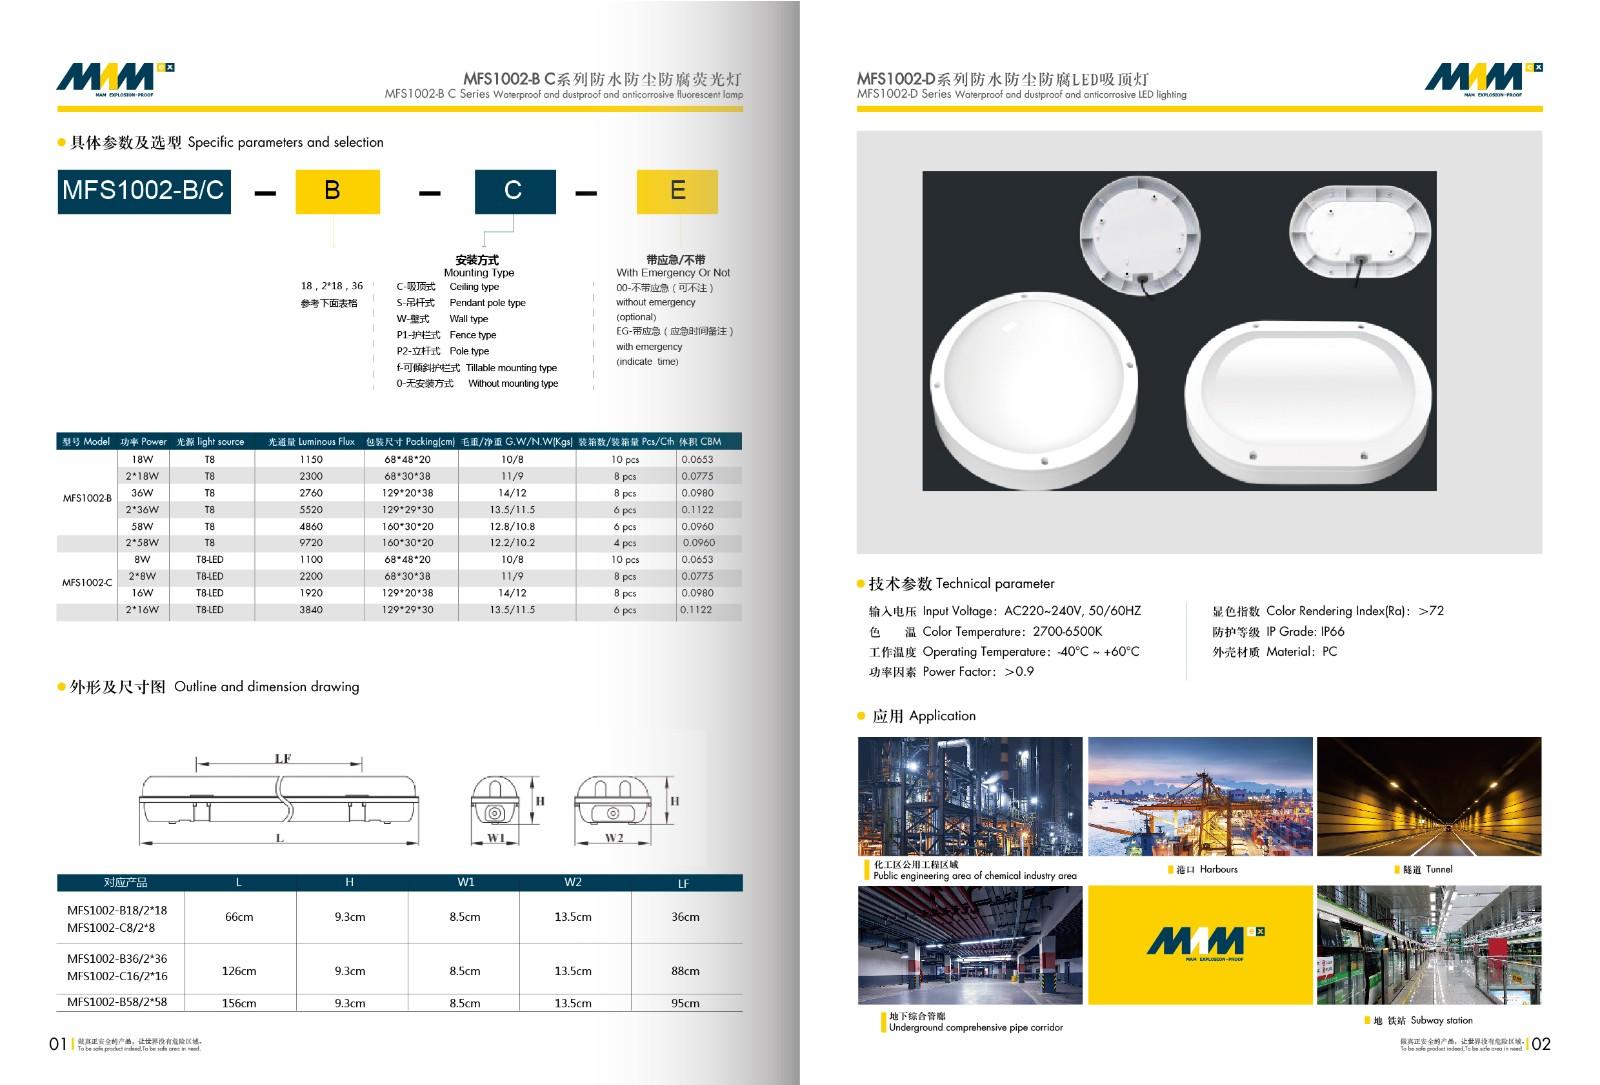 Водонепроницаемая, пылезащитная и антикоррозионная люминесцентная лампа серии MFS1002-B